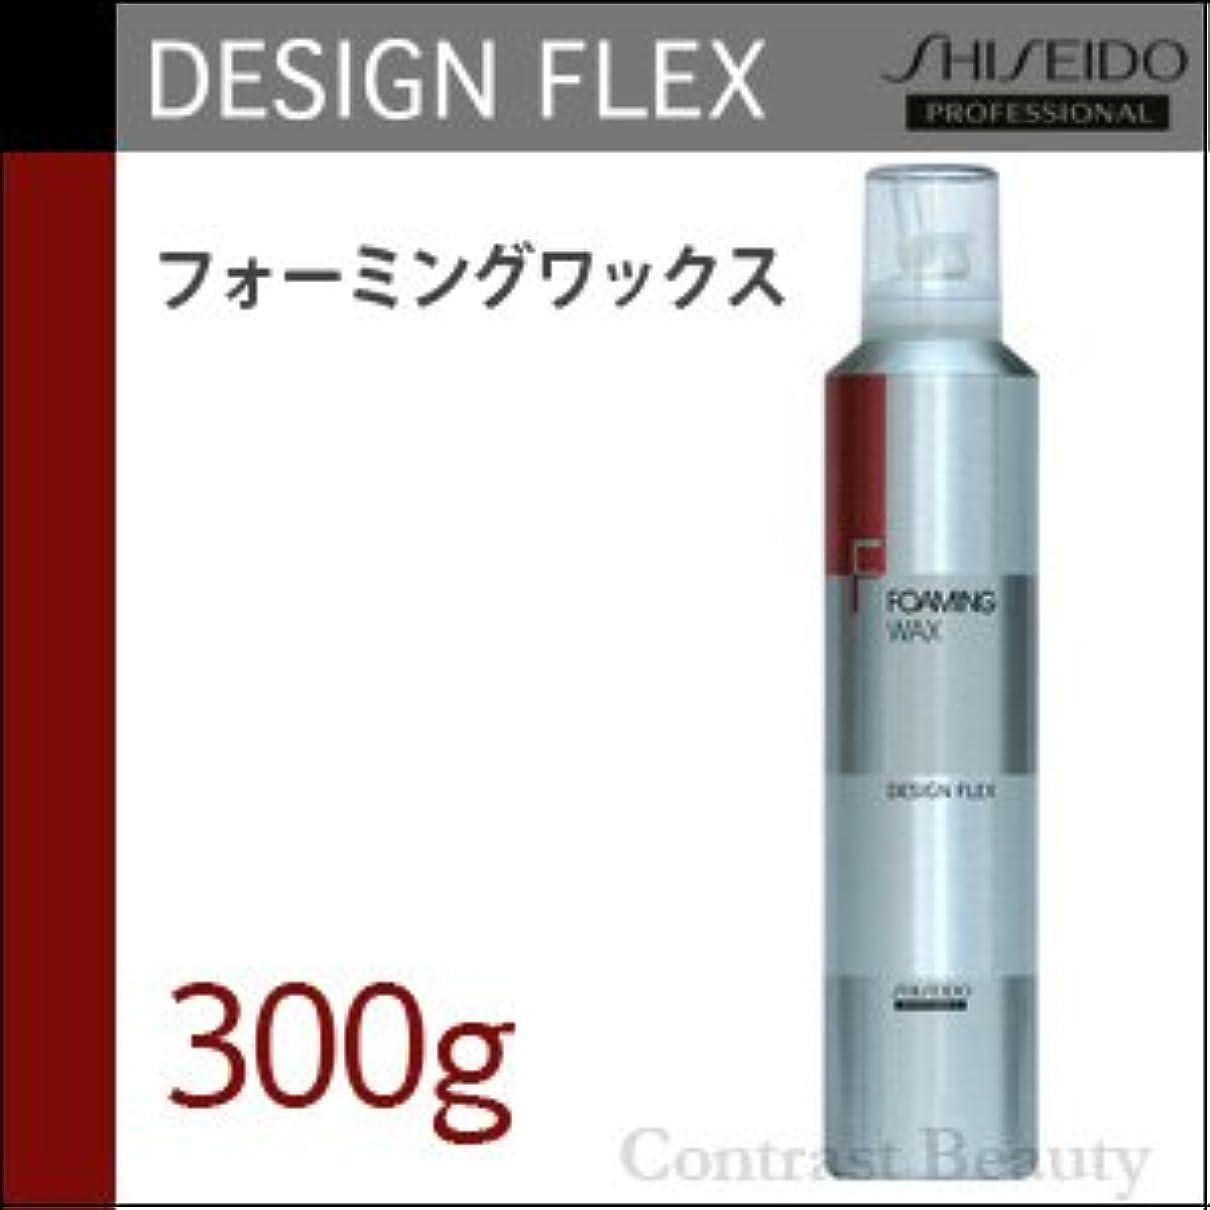 突破口退院トランク【x2個セット】 資生堂 デザインフレックス フォーミングワックス 300g